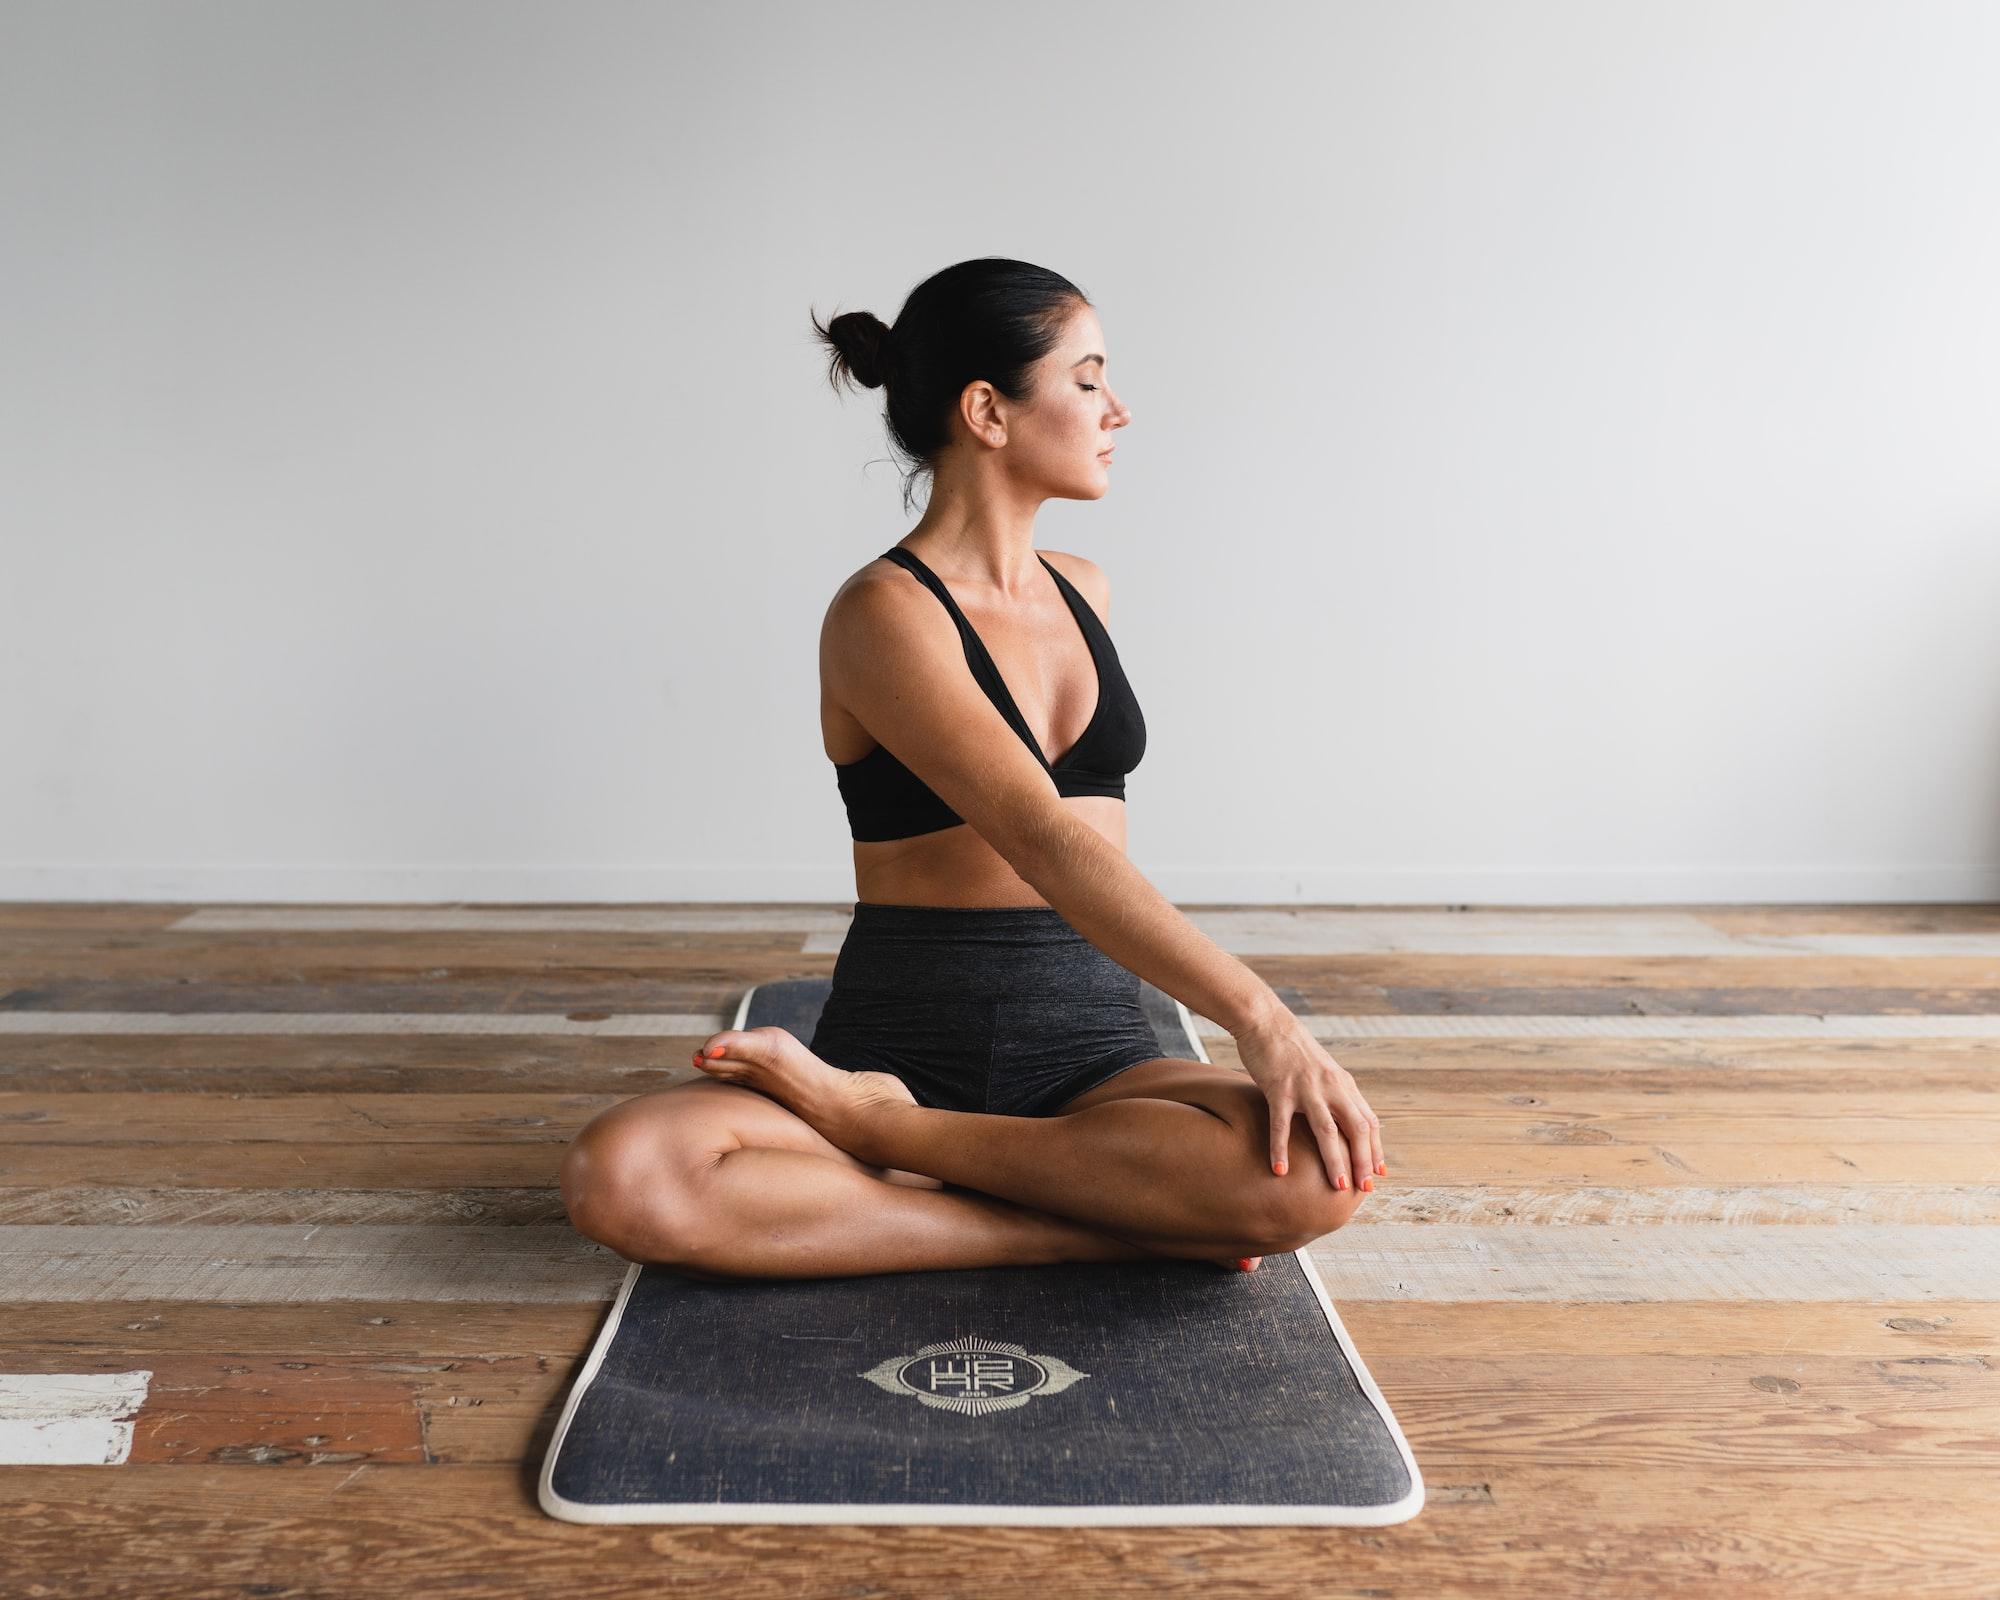 Nouveauté à la clinique Confisio : cours de Yoga en français!